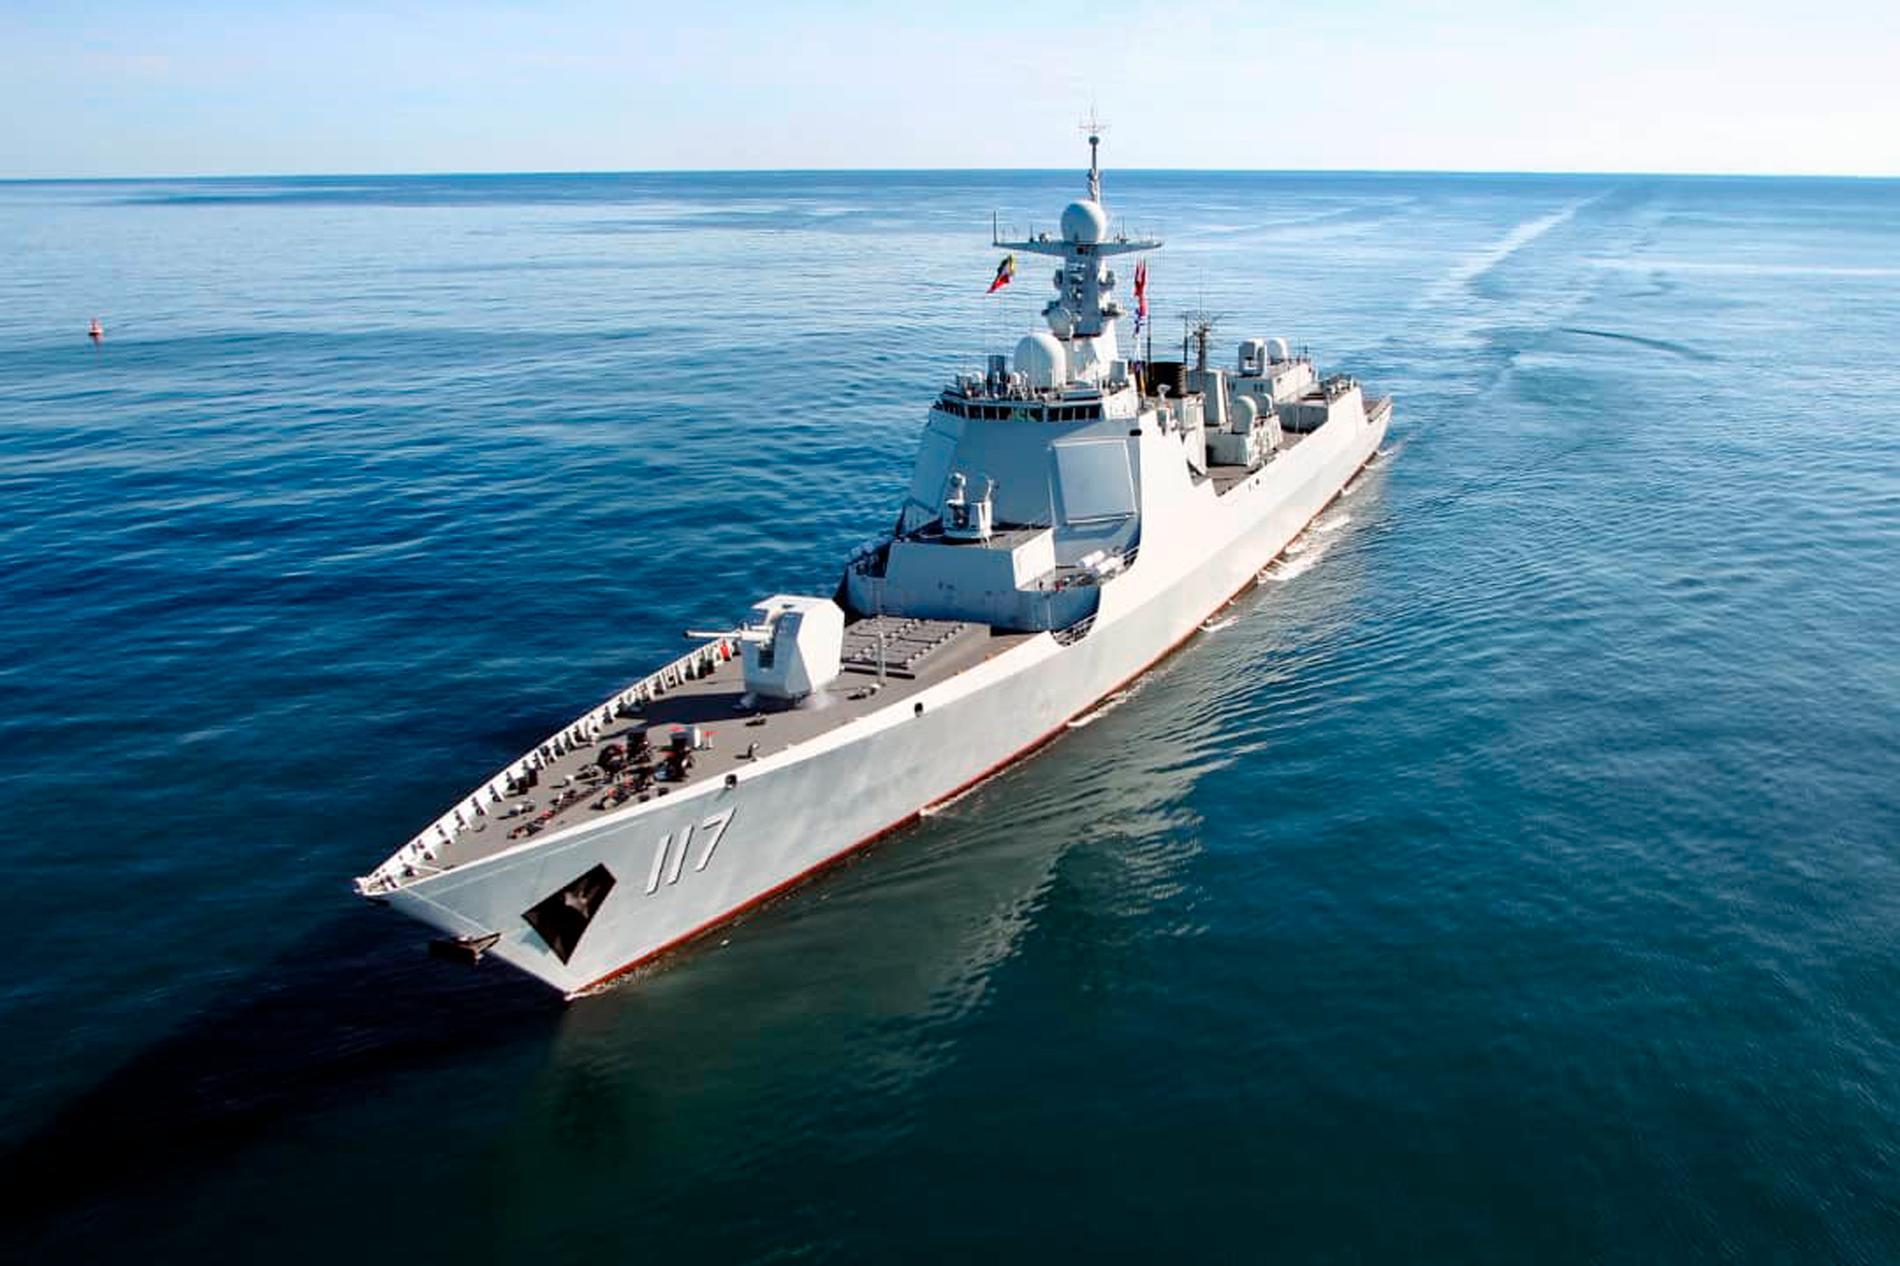 En olycka har fått dödlig utgång ombord på ett iranskt militärfartyg i Omanbukten. Arkivbild från tidigare iransk flottövning i Omanbukten. Fartyget på bilden har inget med olyckan att göra.